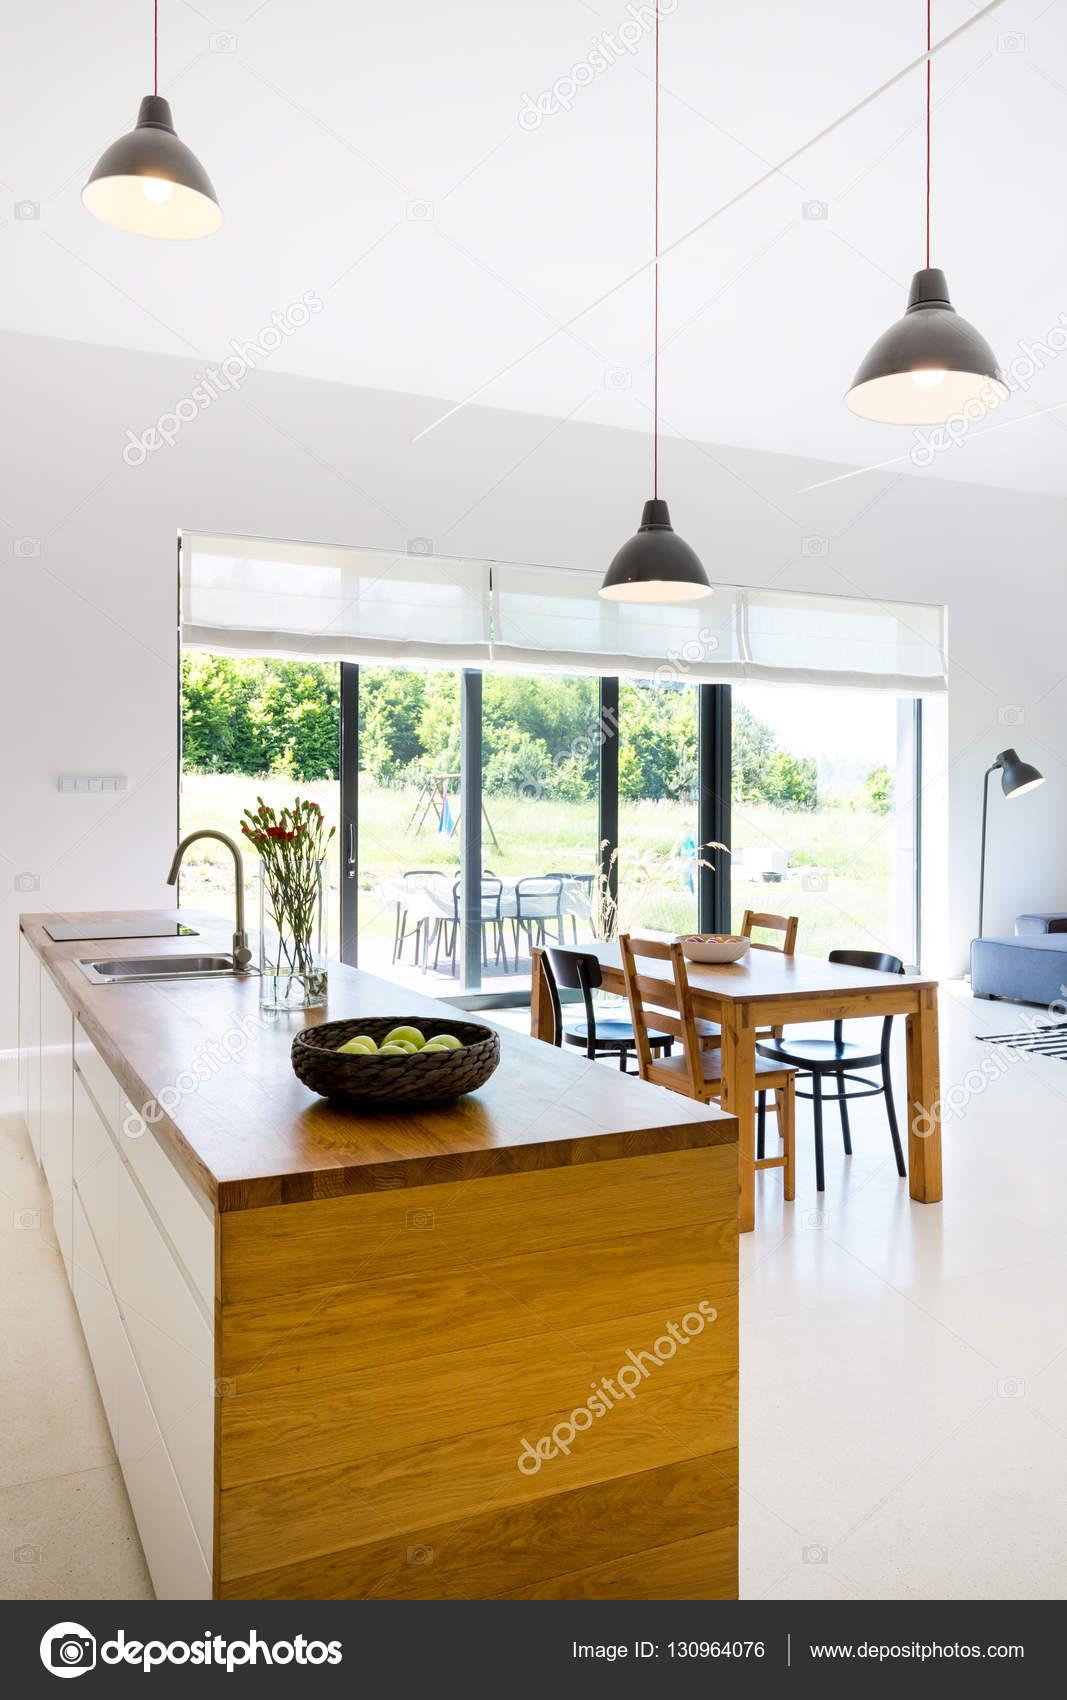 Comedor moderno minimalista con cocina americana — Foto de stock ...